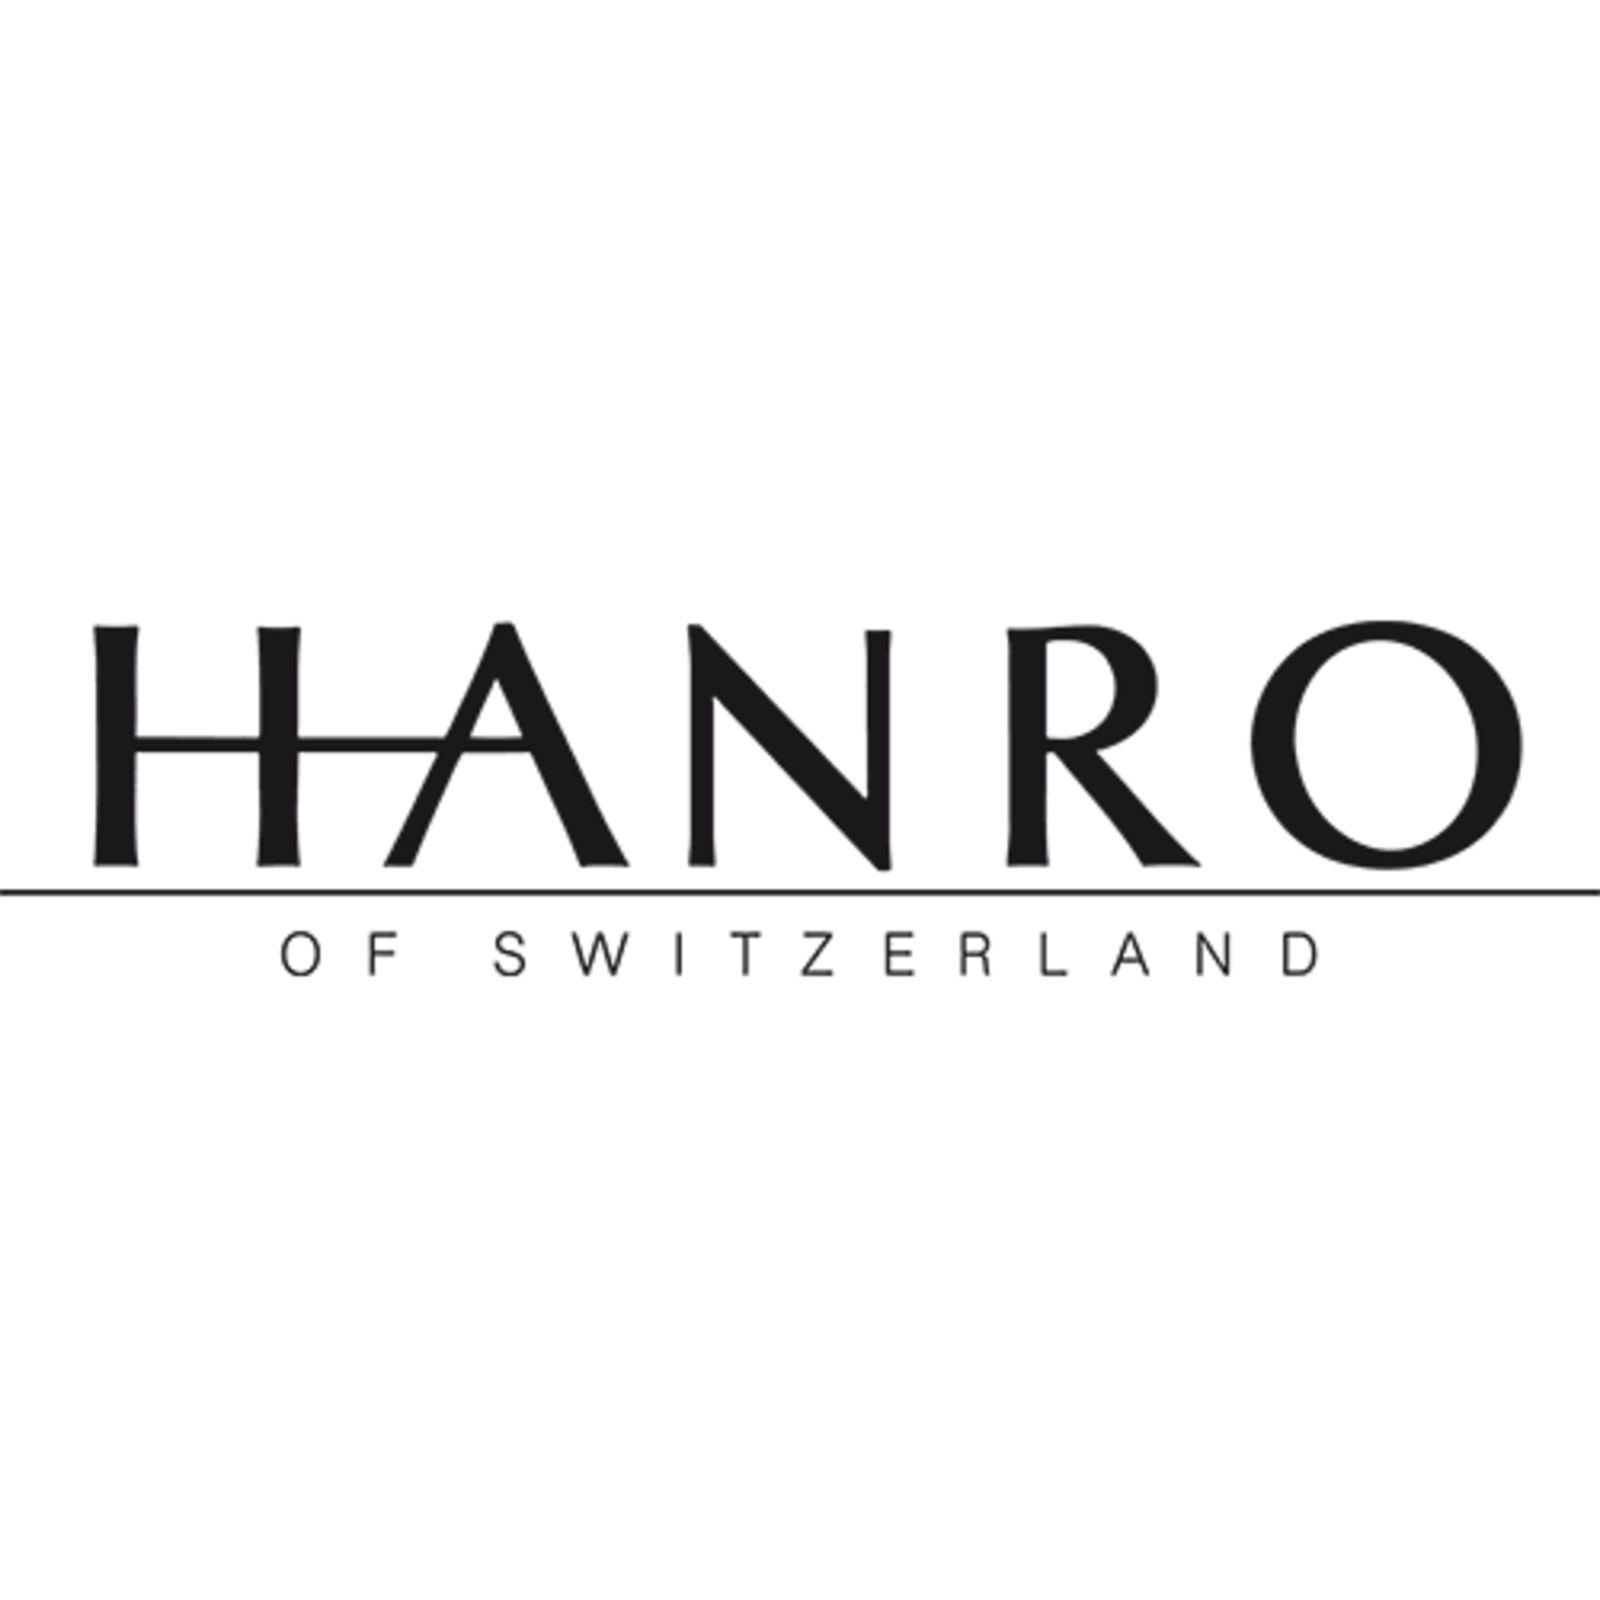 HANRO (Image 1)